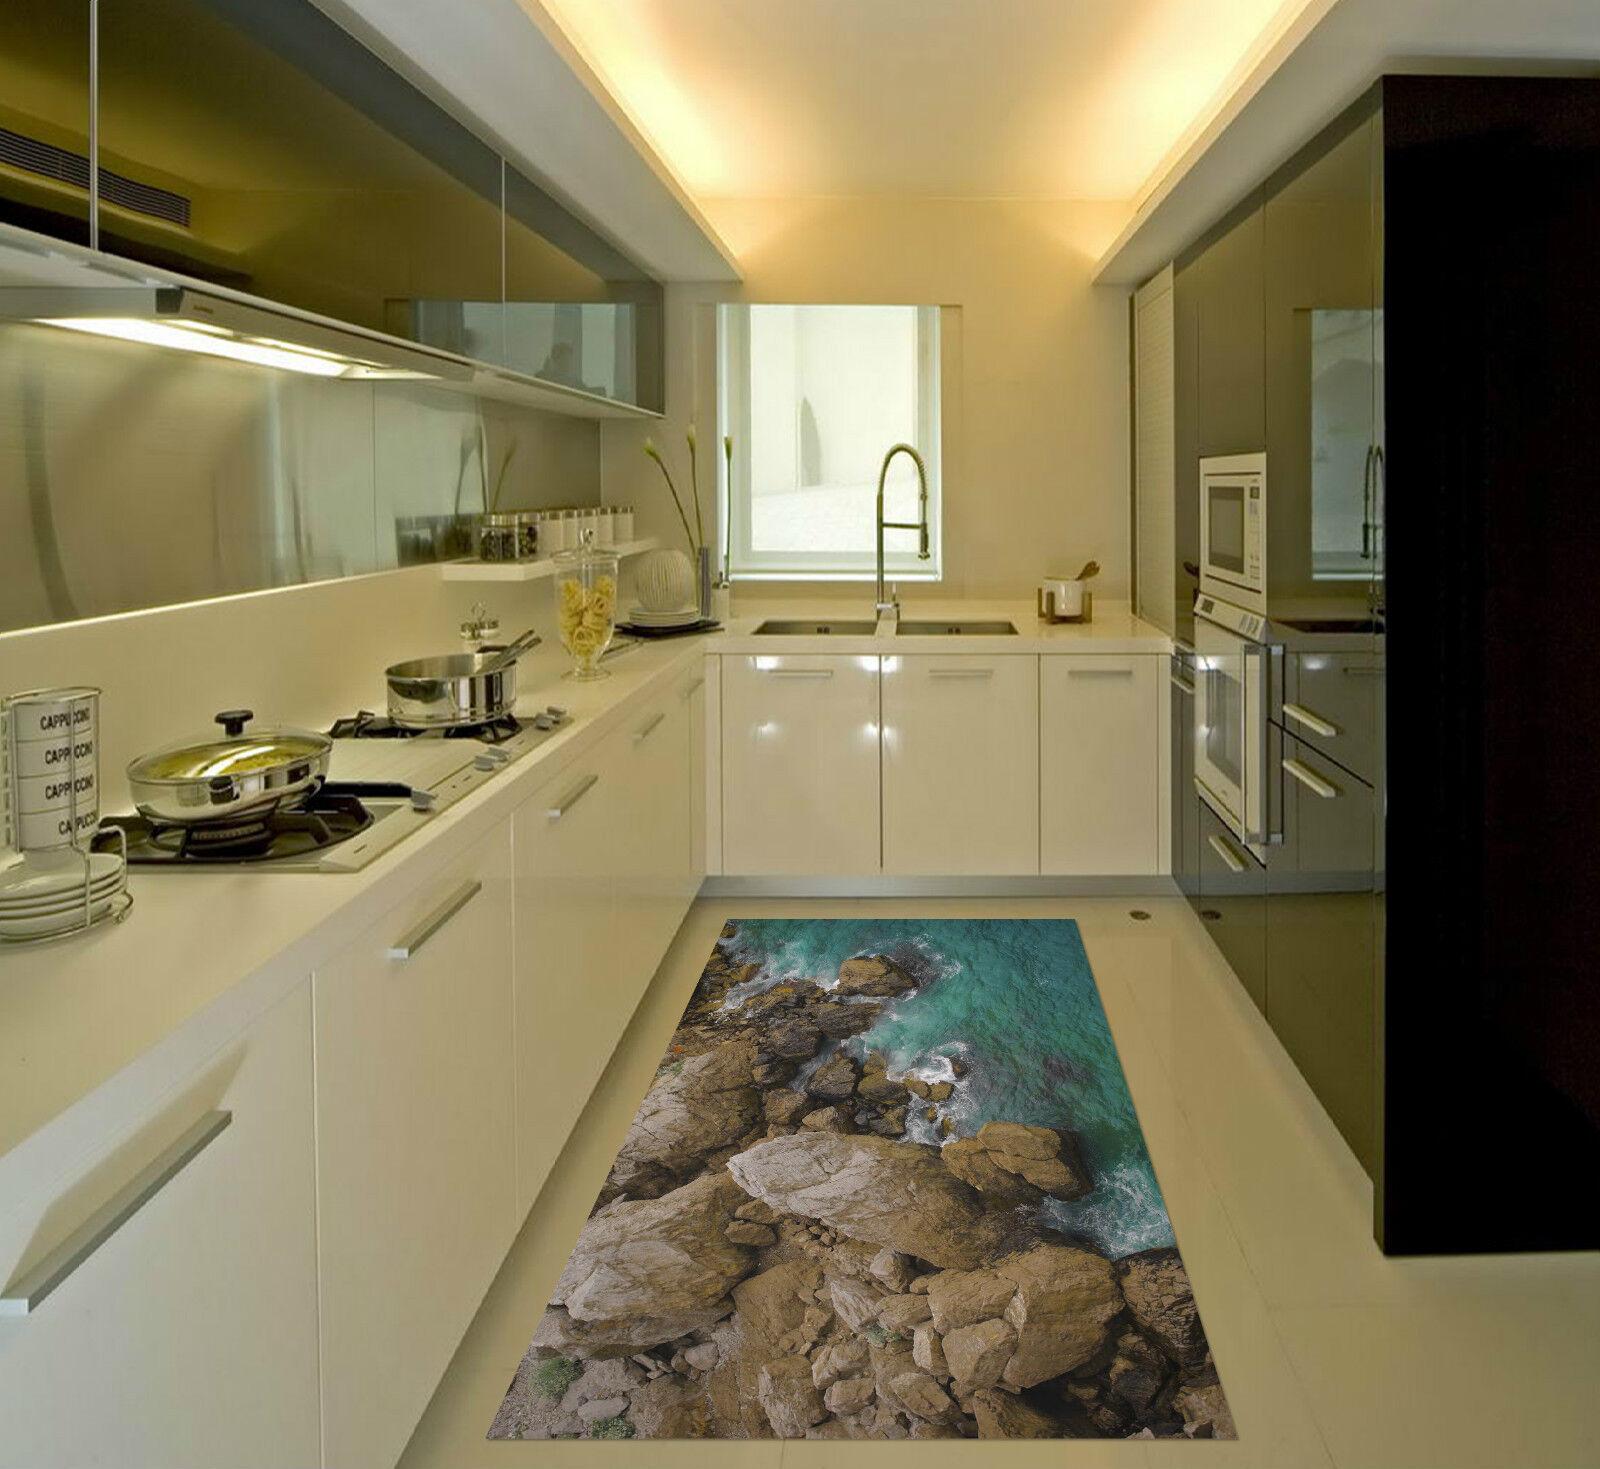 3D Coast Stones 2 Kitchen Mat Floor Murals Wall Wall Wall Print Wall Deco AJ WALLPAPER CA 602d0f